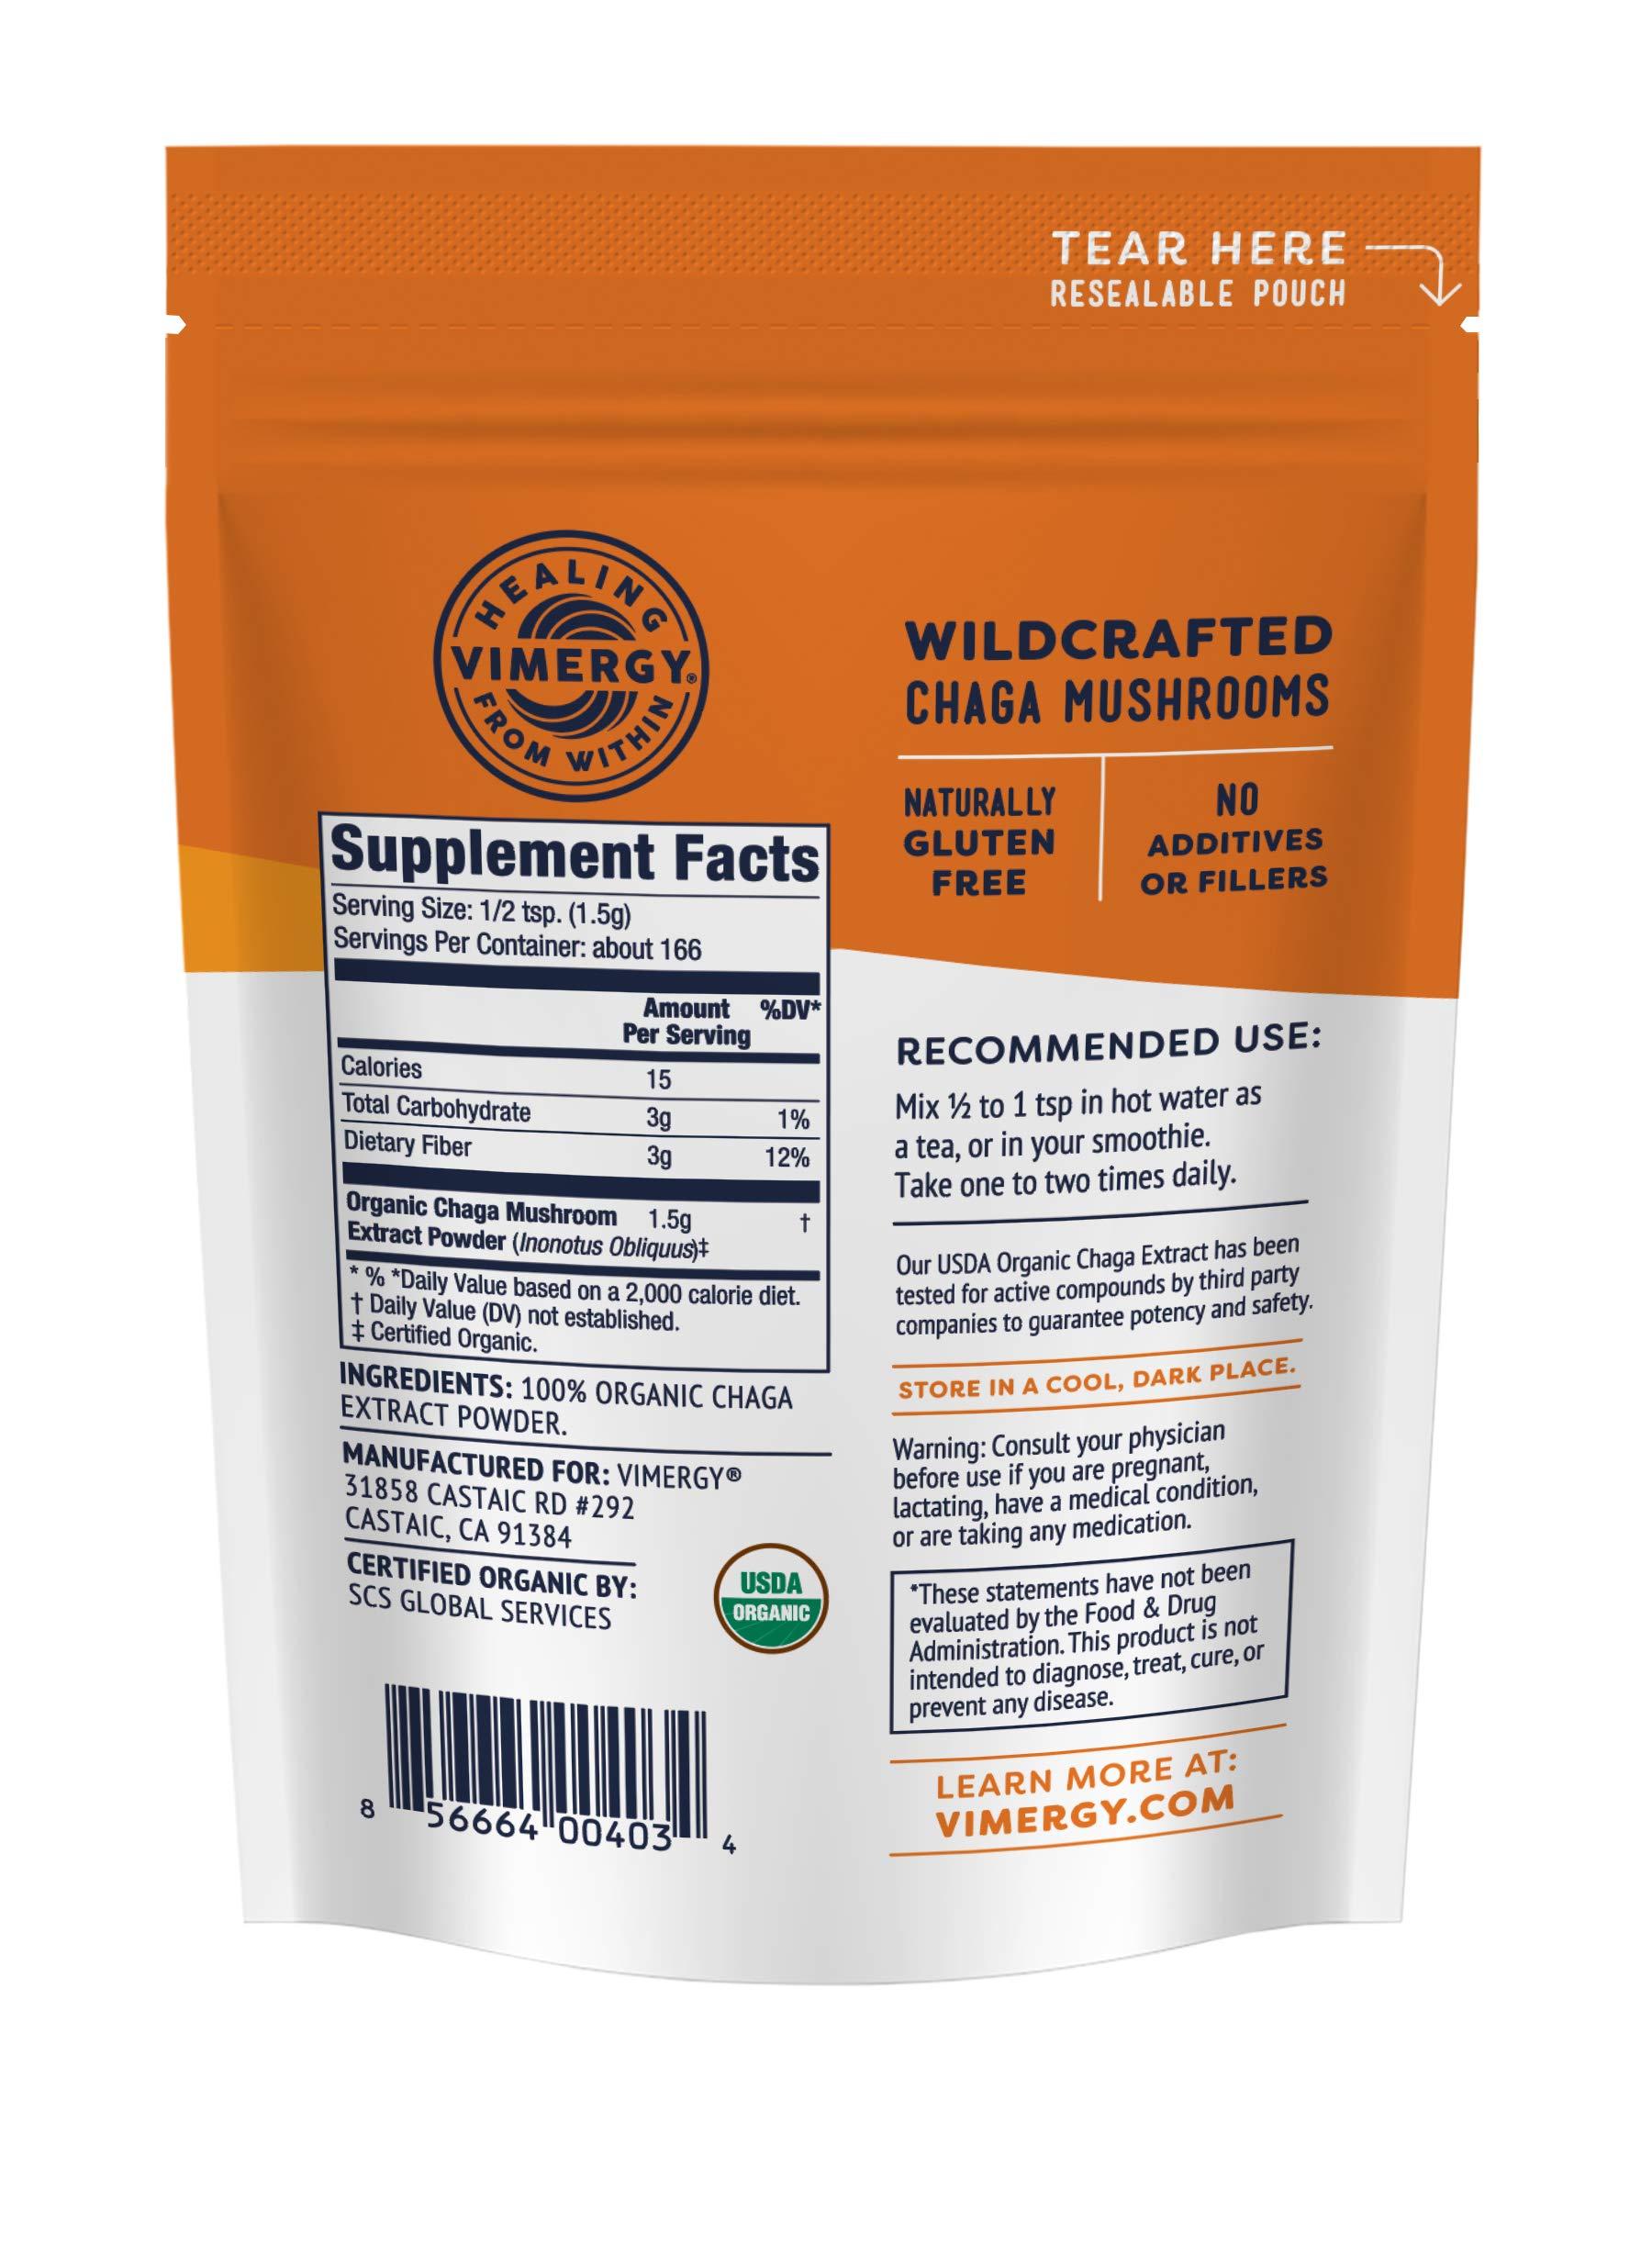 Vimergy USDA Organic Chaga Extract Powder (250g) by Vimergy (Image #2)